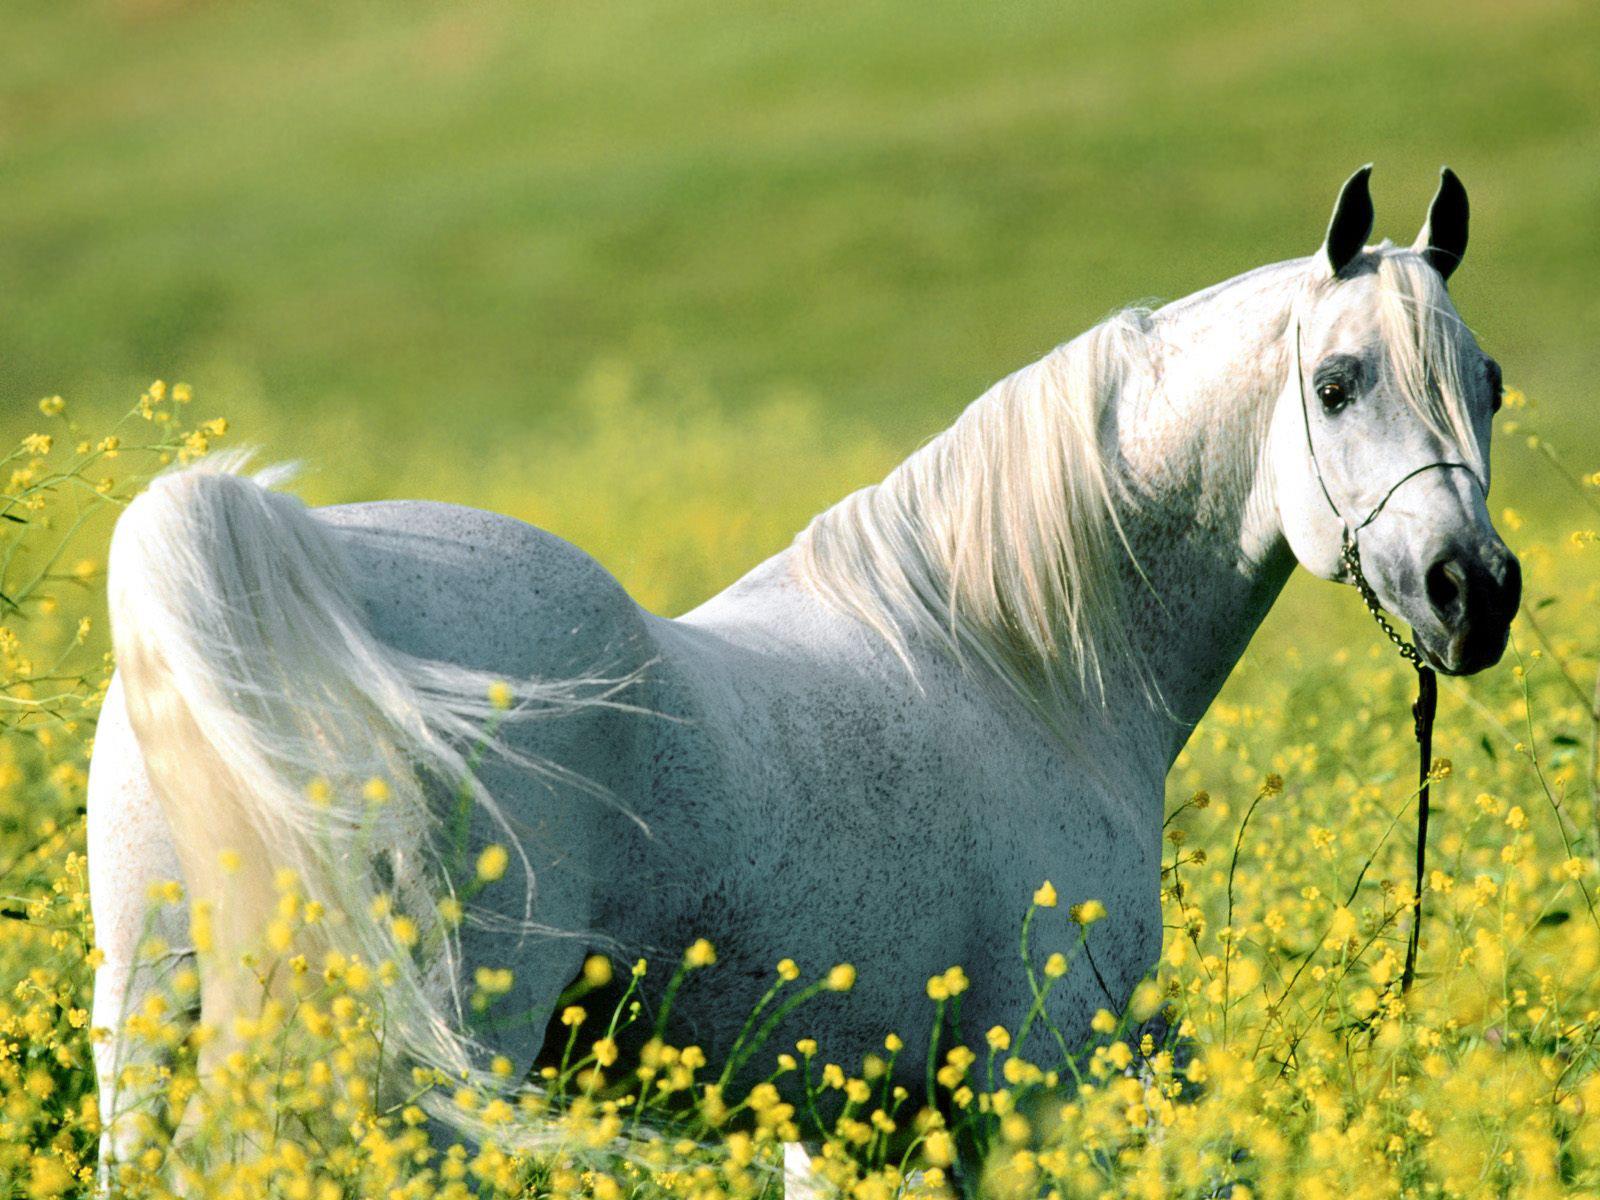 Most Inspiring   Wallpaper Horse Chromebook - Best+White+Horse+Wallpaper  2018_92773.jpg